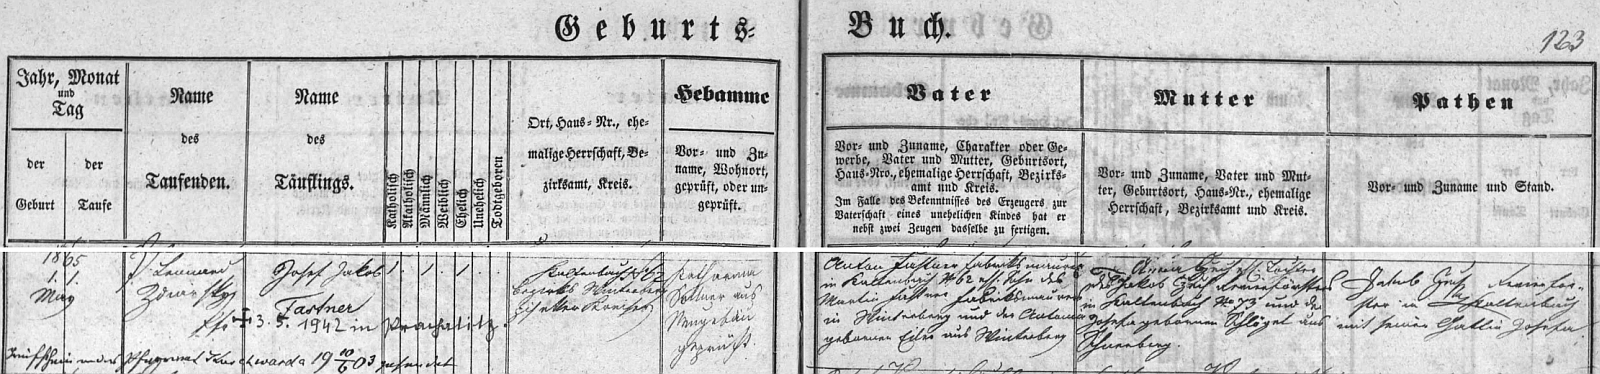 Záznam matriky farní obce Nový Svět (Neugebäu) o jeho narození v Kaltenbachu čp. 62